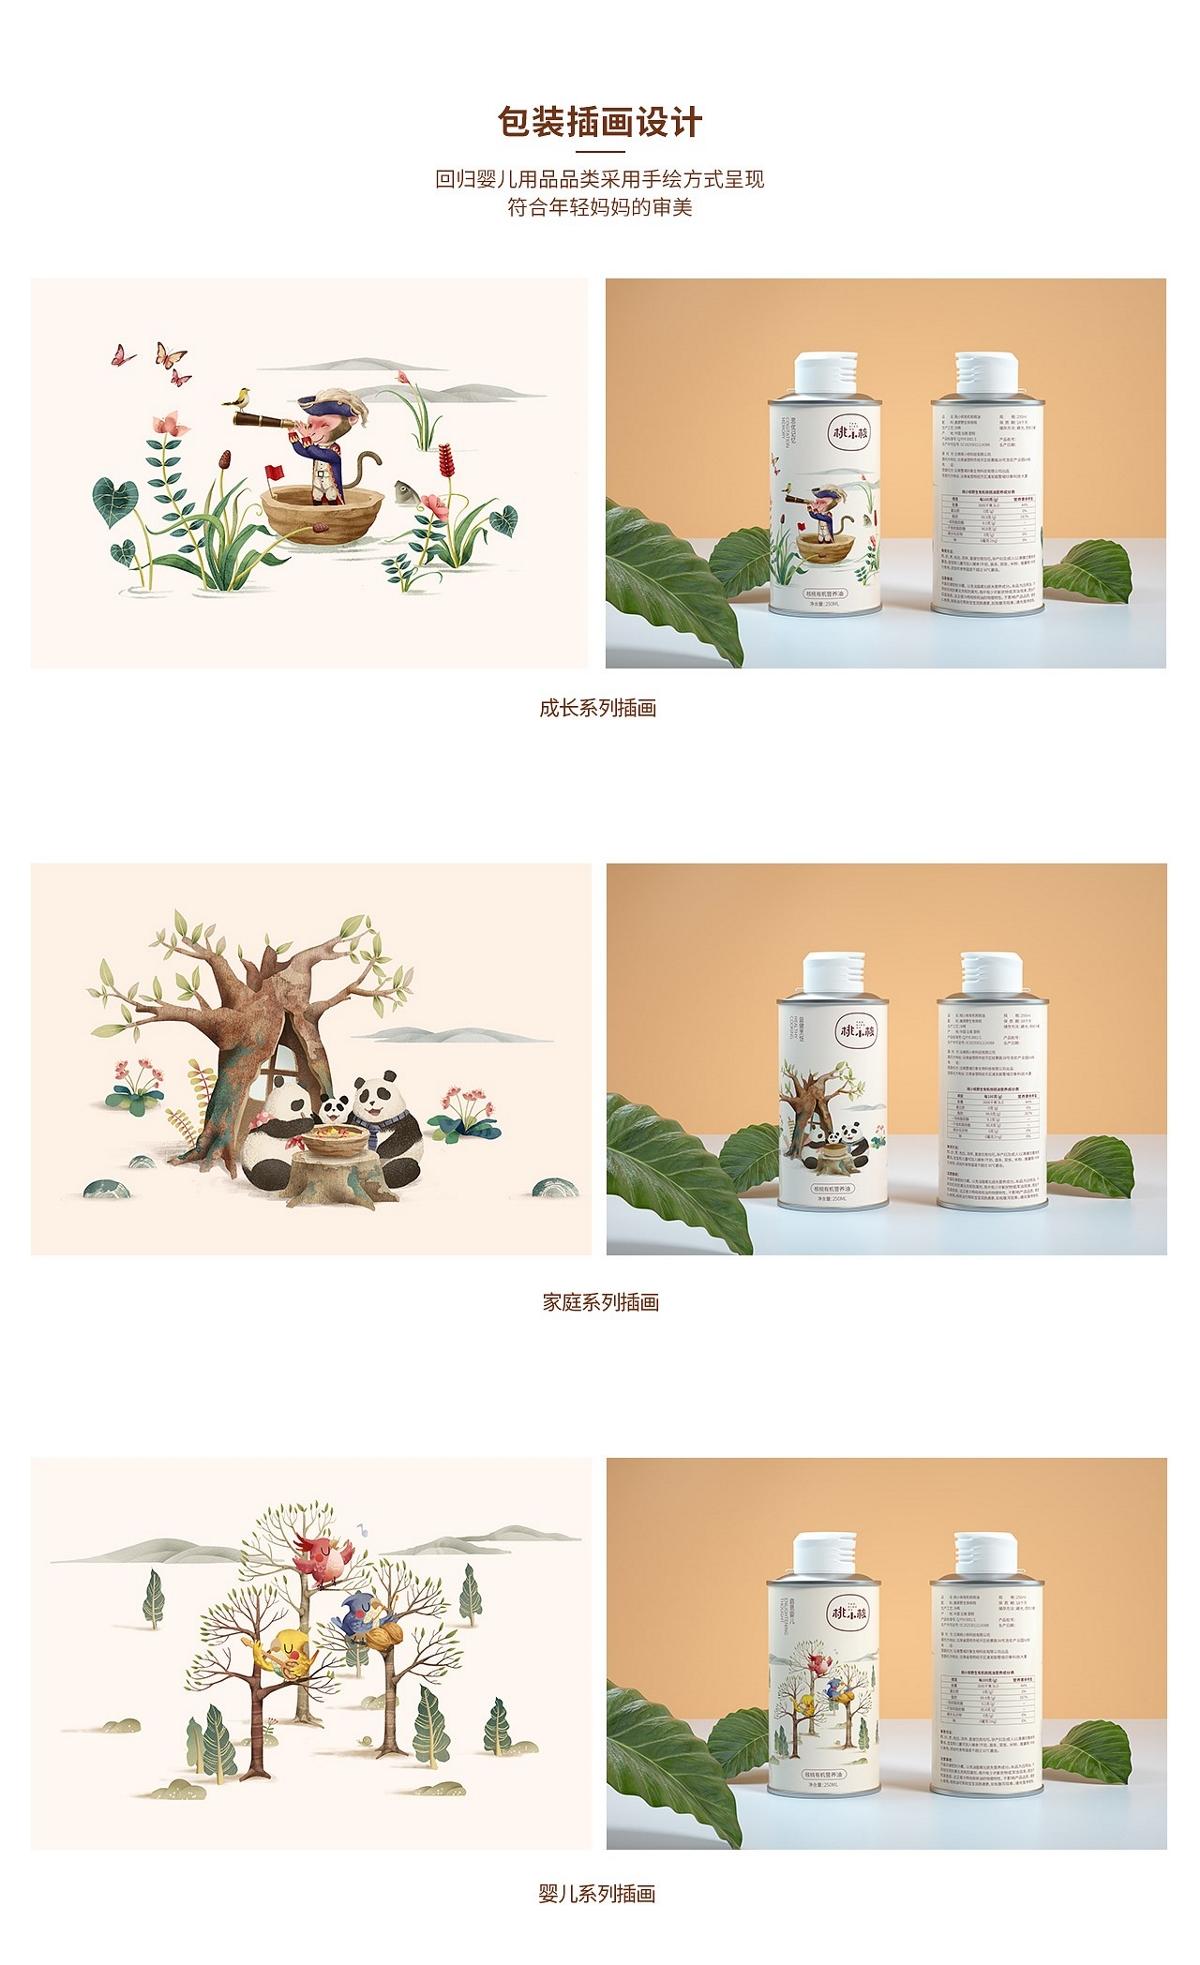 桃小核核桃油品牌新视觉作品分享【汤臣杰逊】